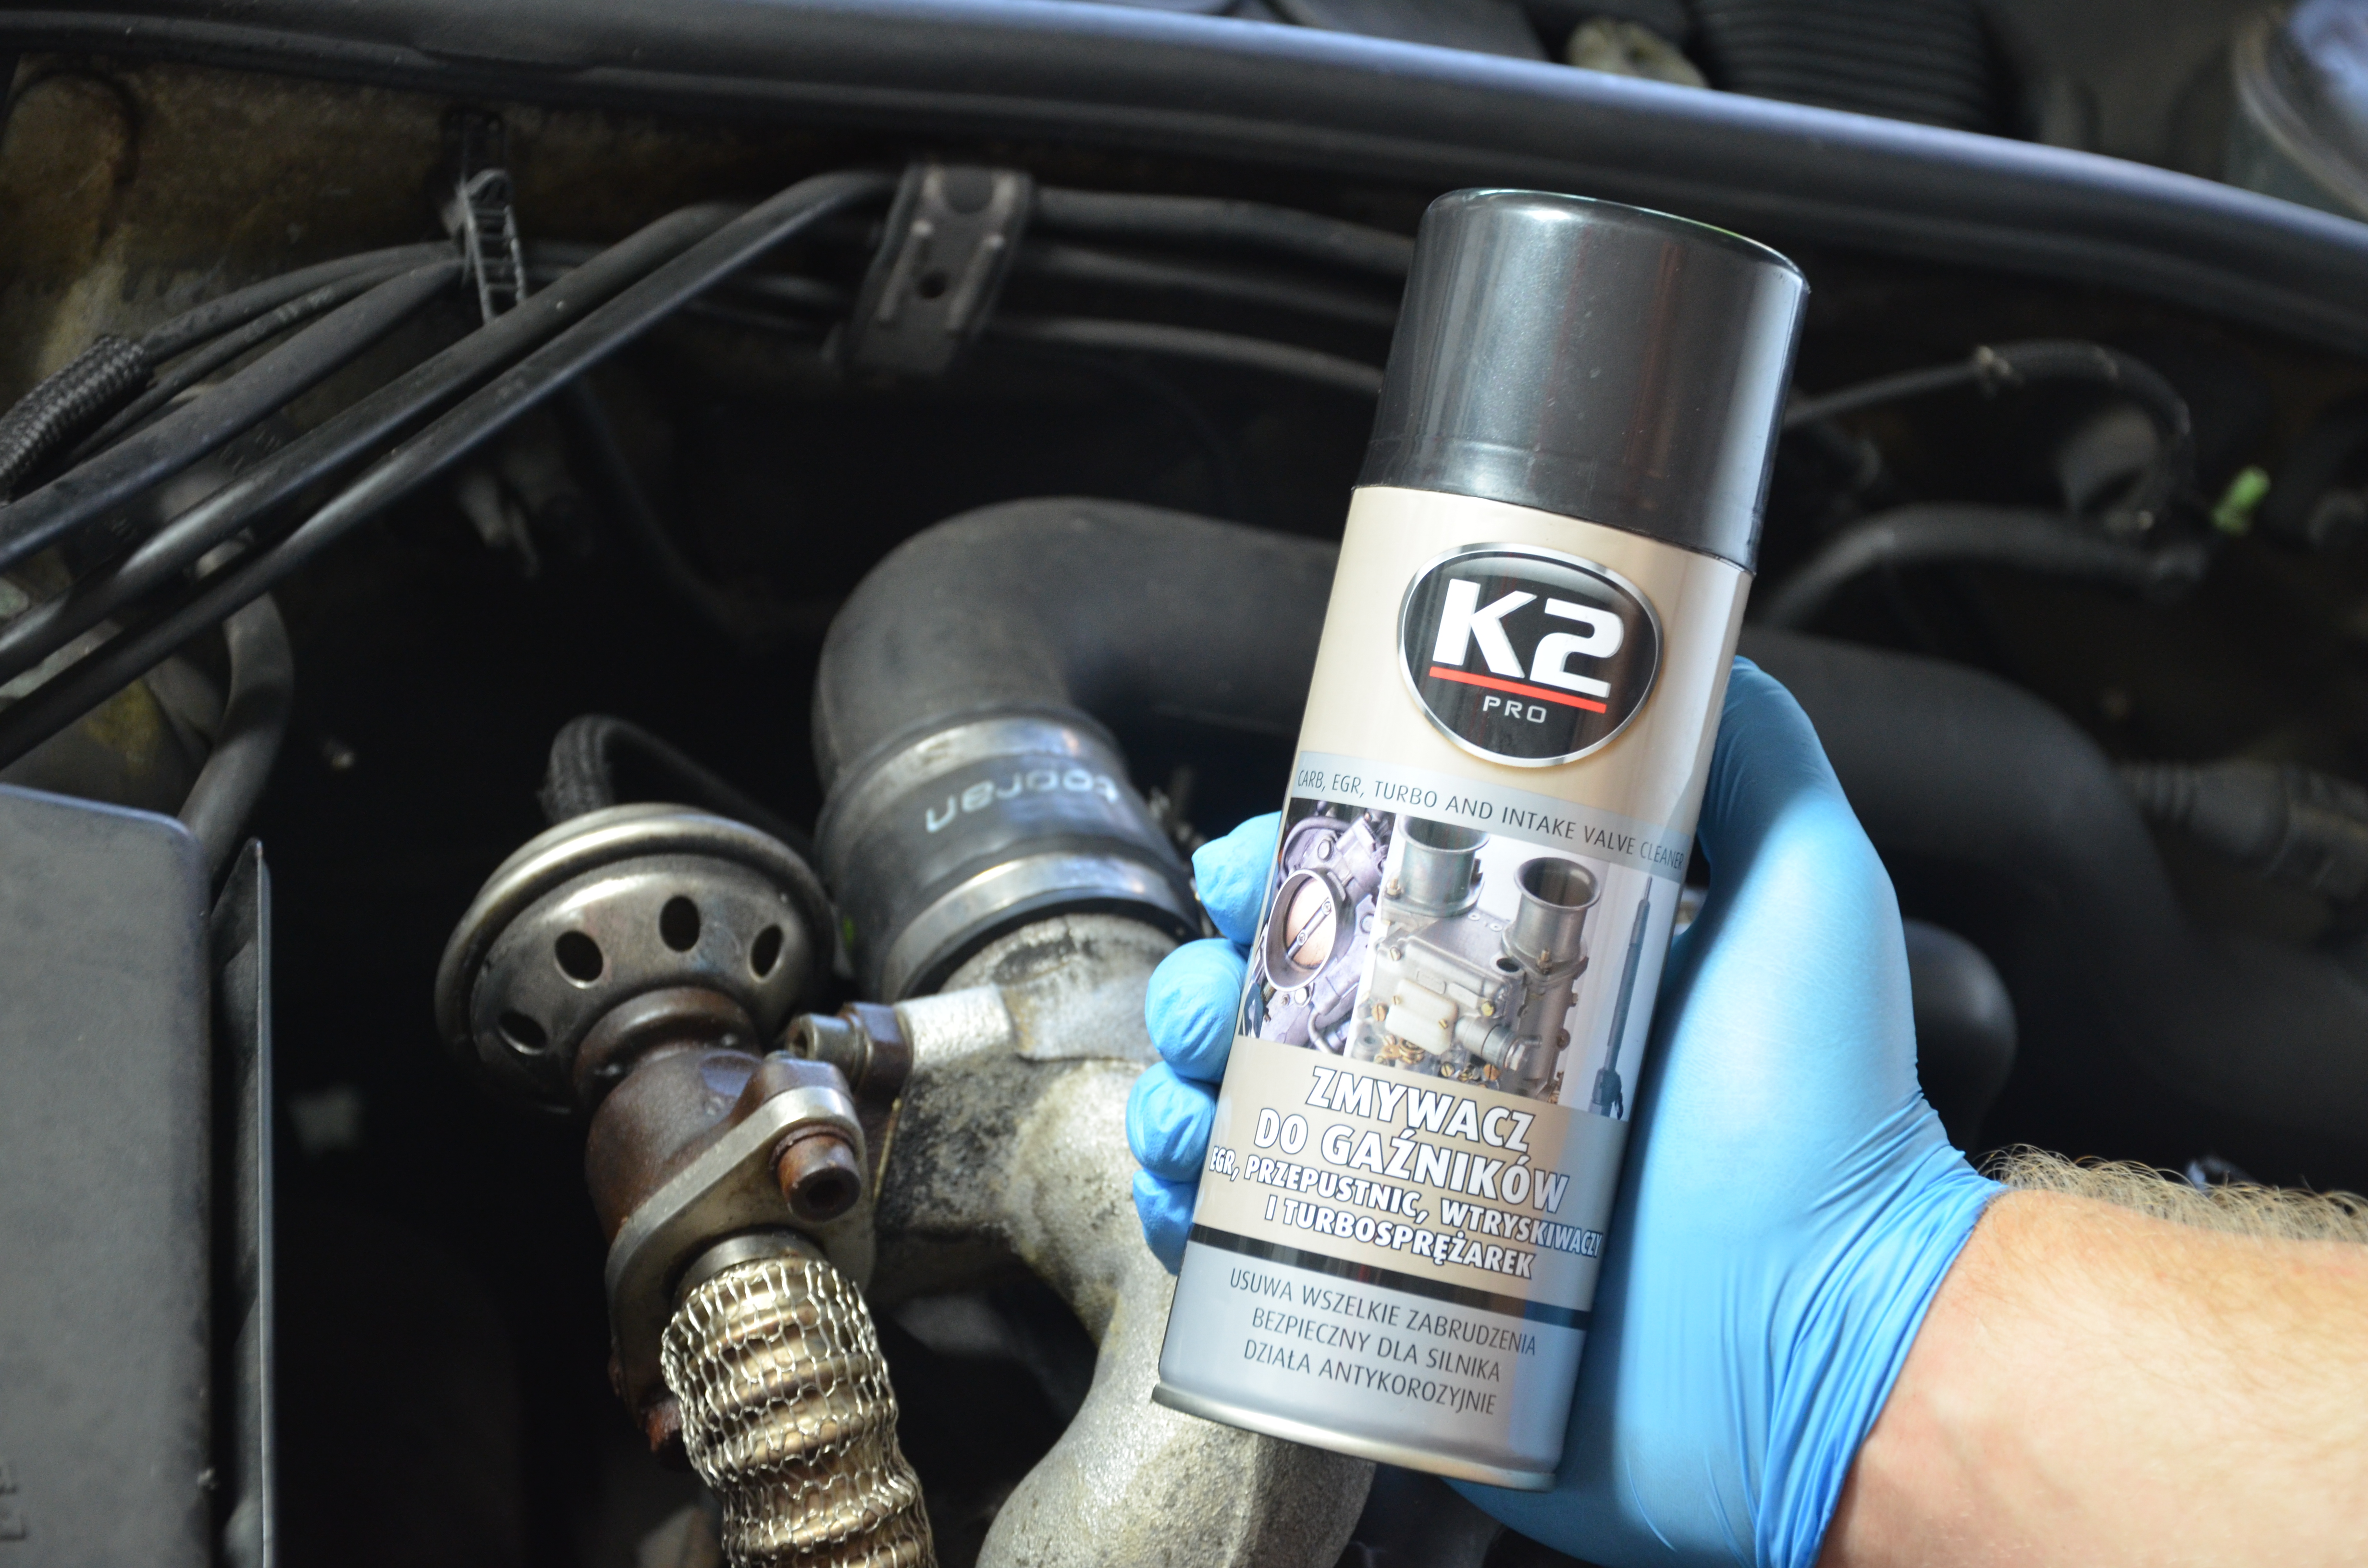 Butelka K2 zmywacza do gaźników